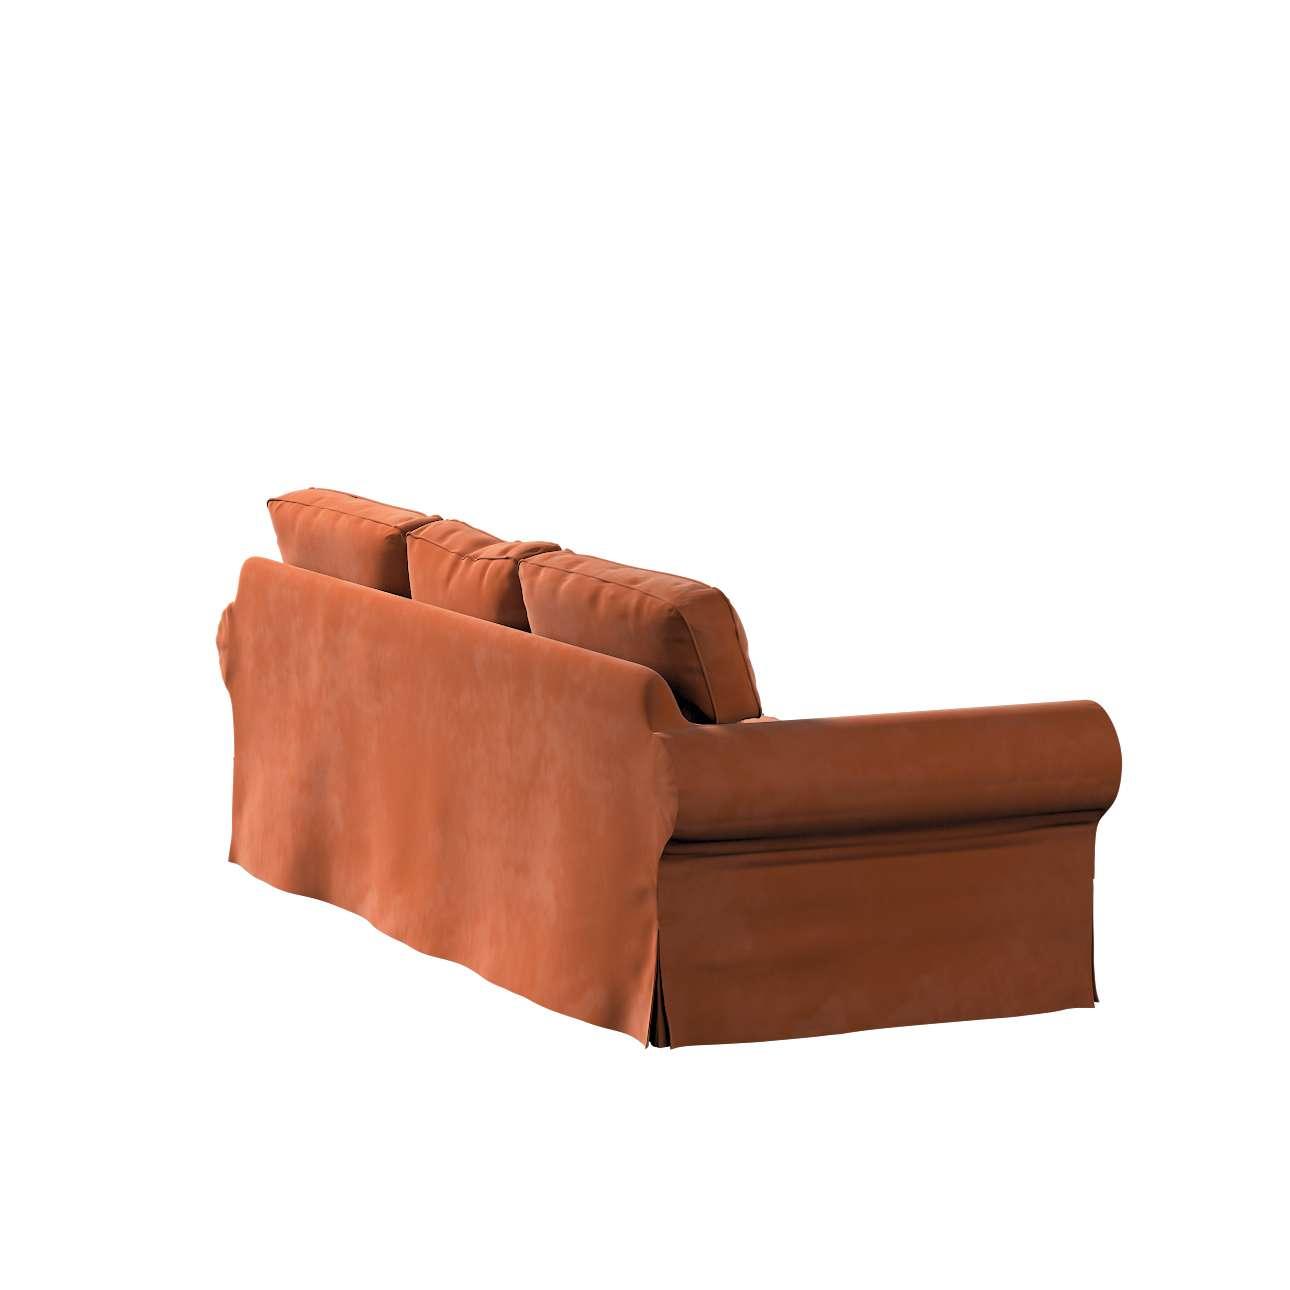 Pokrowiec na sofę Ektorp 3-osobową, rozkładaną, PIXBO w kolekcji Velvet, tkanina: 704-33